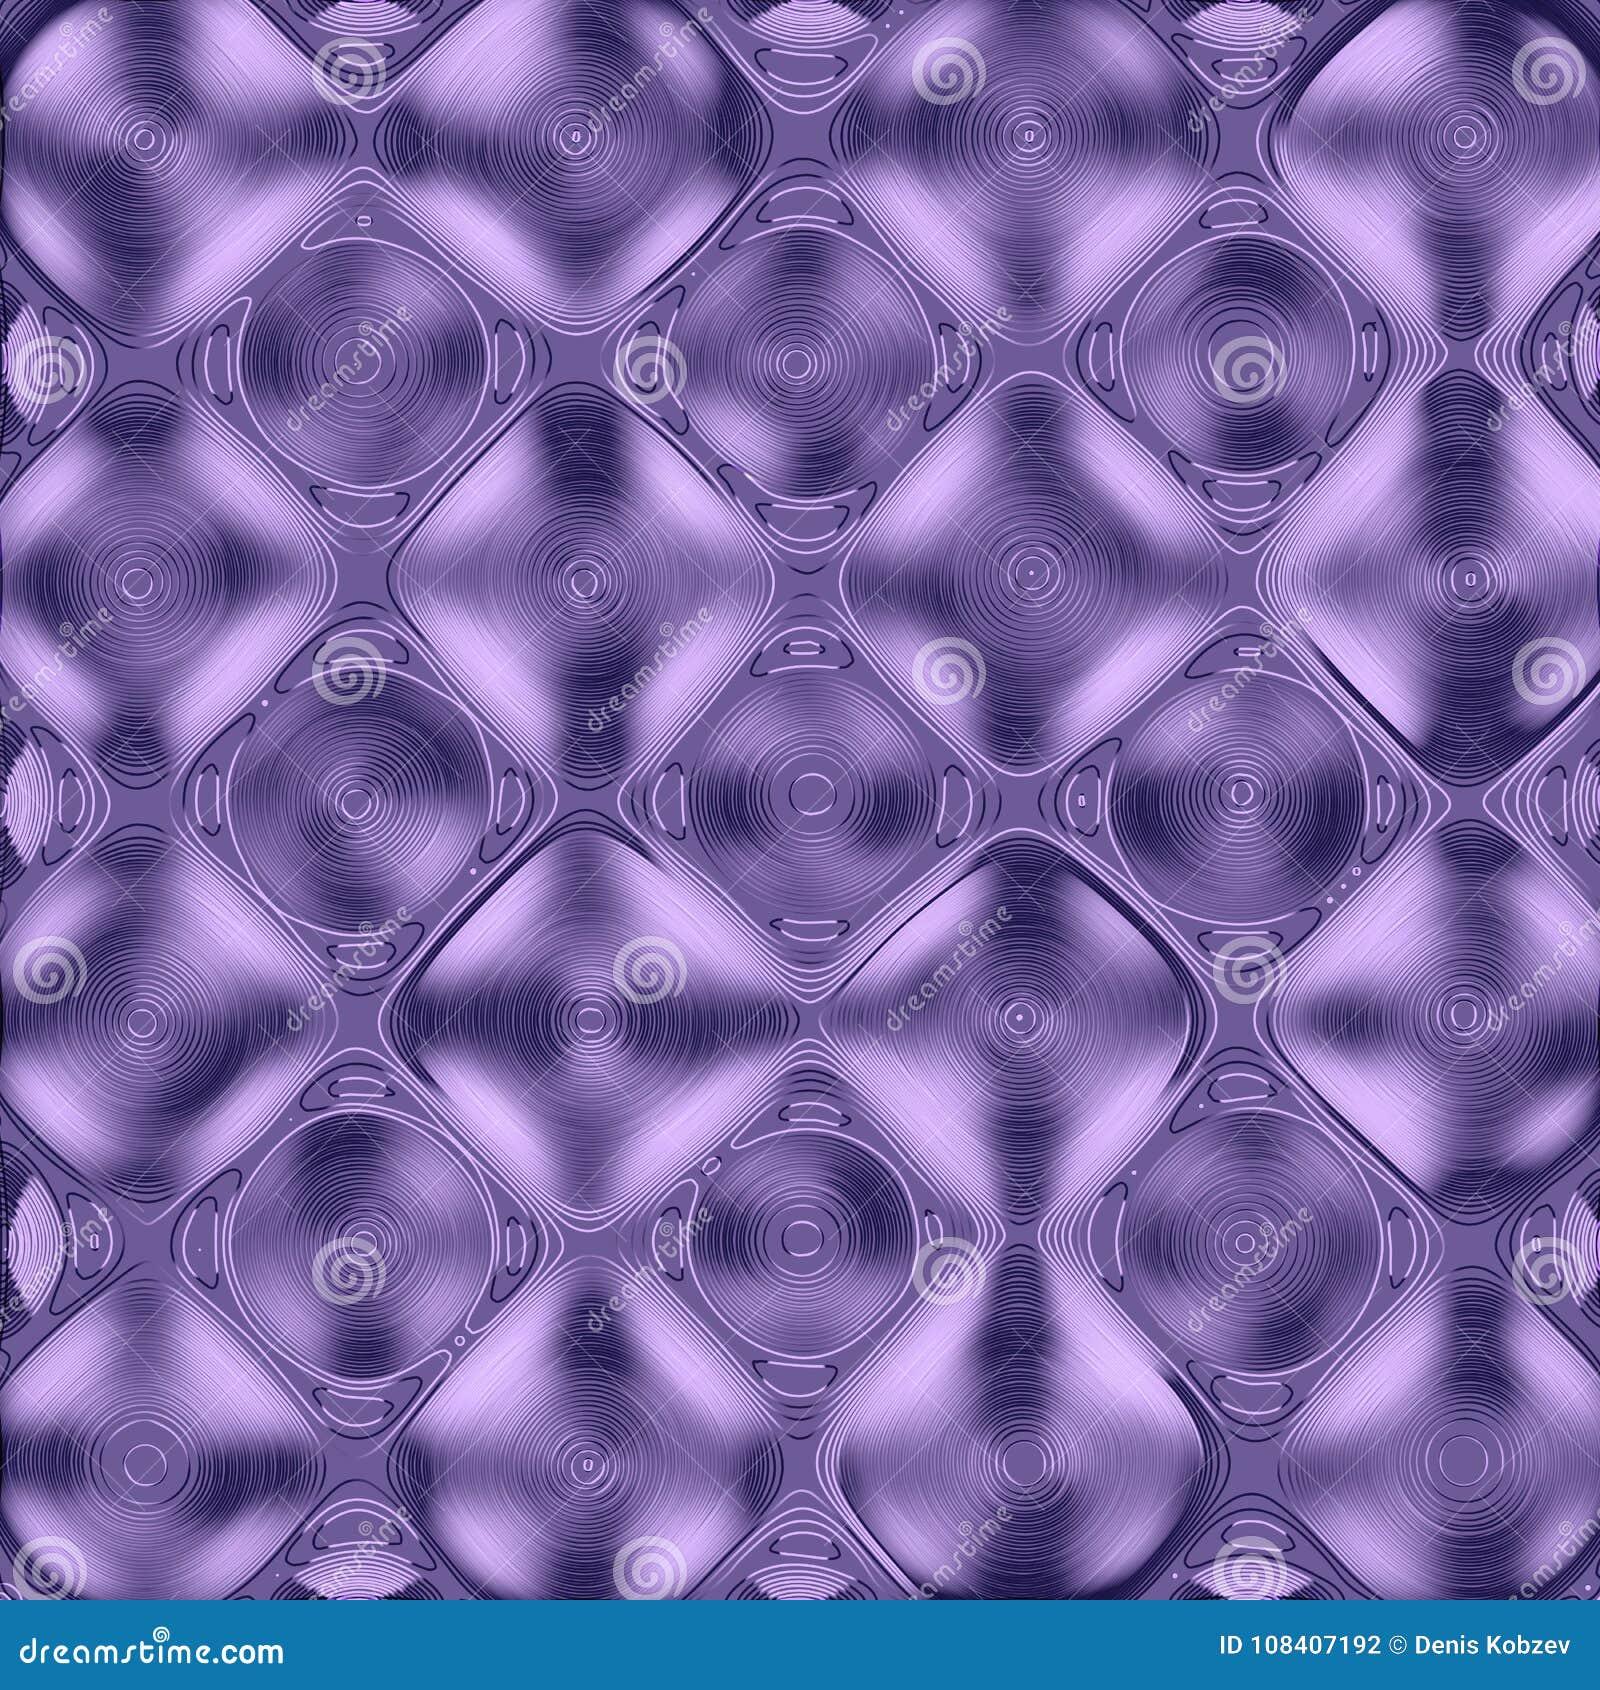 Vectorelement voor grafisch ontwerp Een abstract patroon met een regelmatig het herhalen geometrisch net, een ultraviolet en een